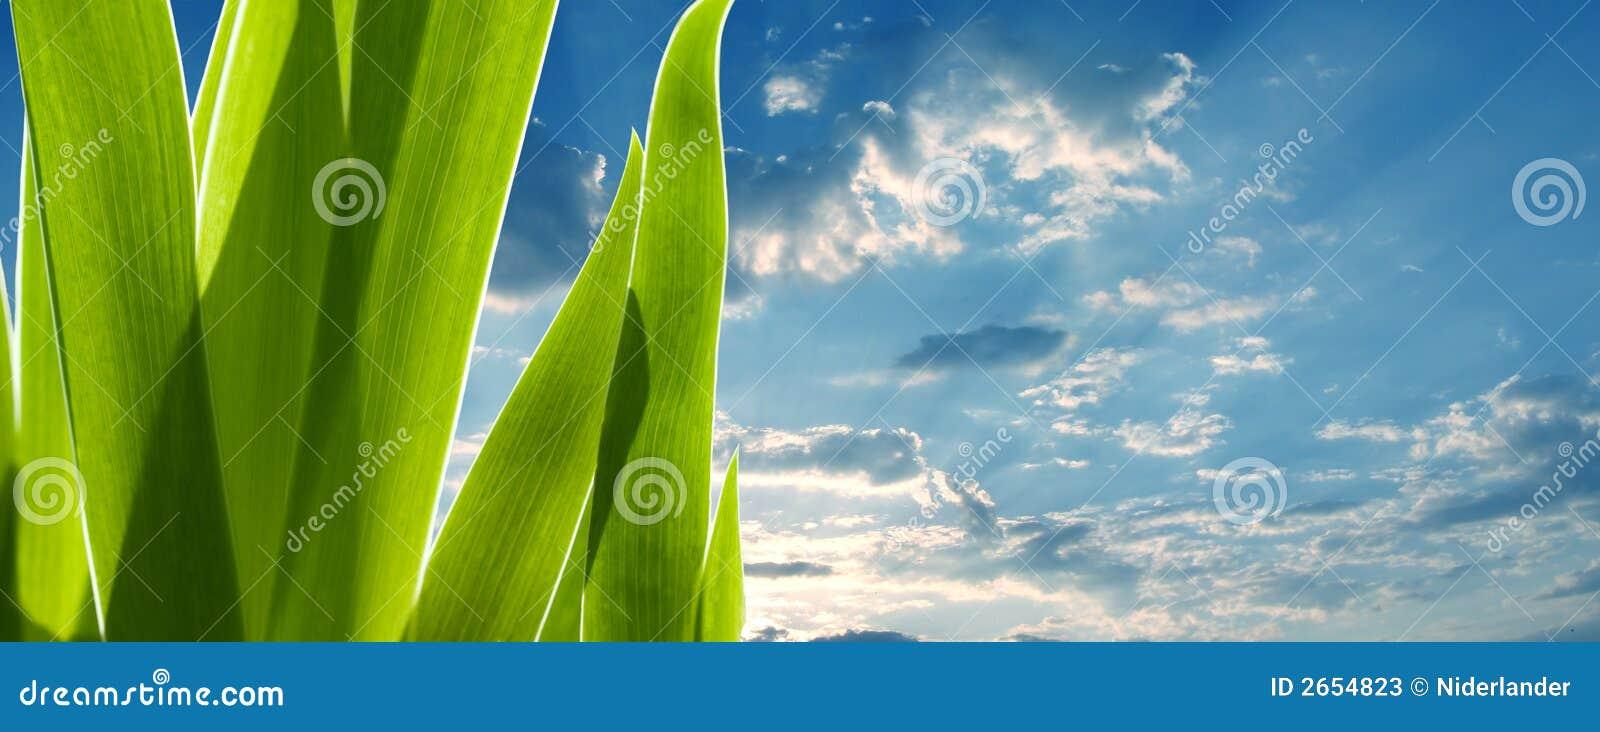 Grünblätter und der Himmel